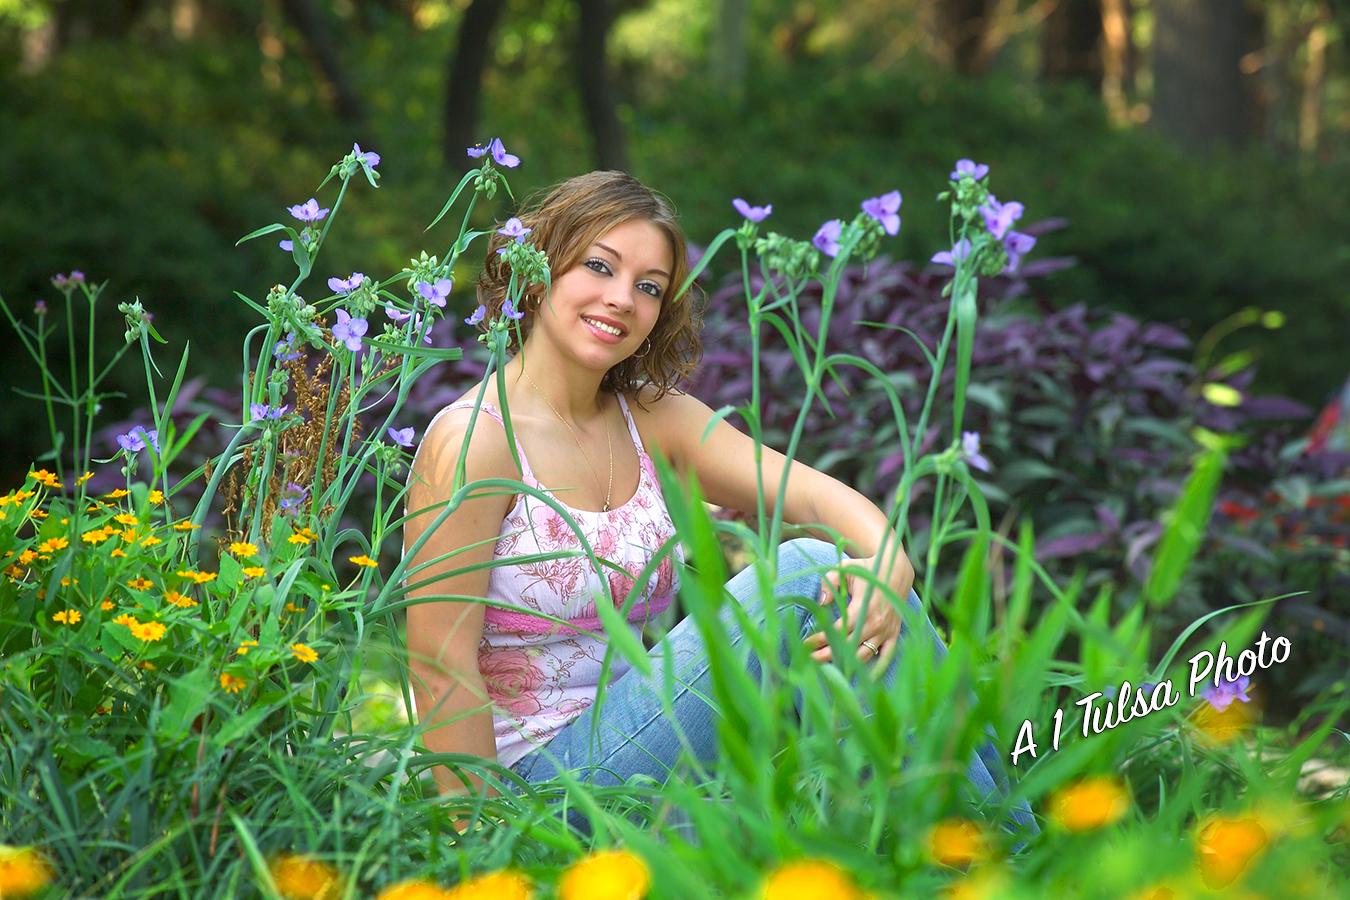 Tulsa-senior-Kayla-6642aaa.jpg